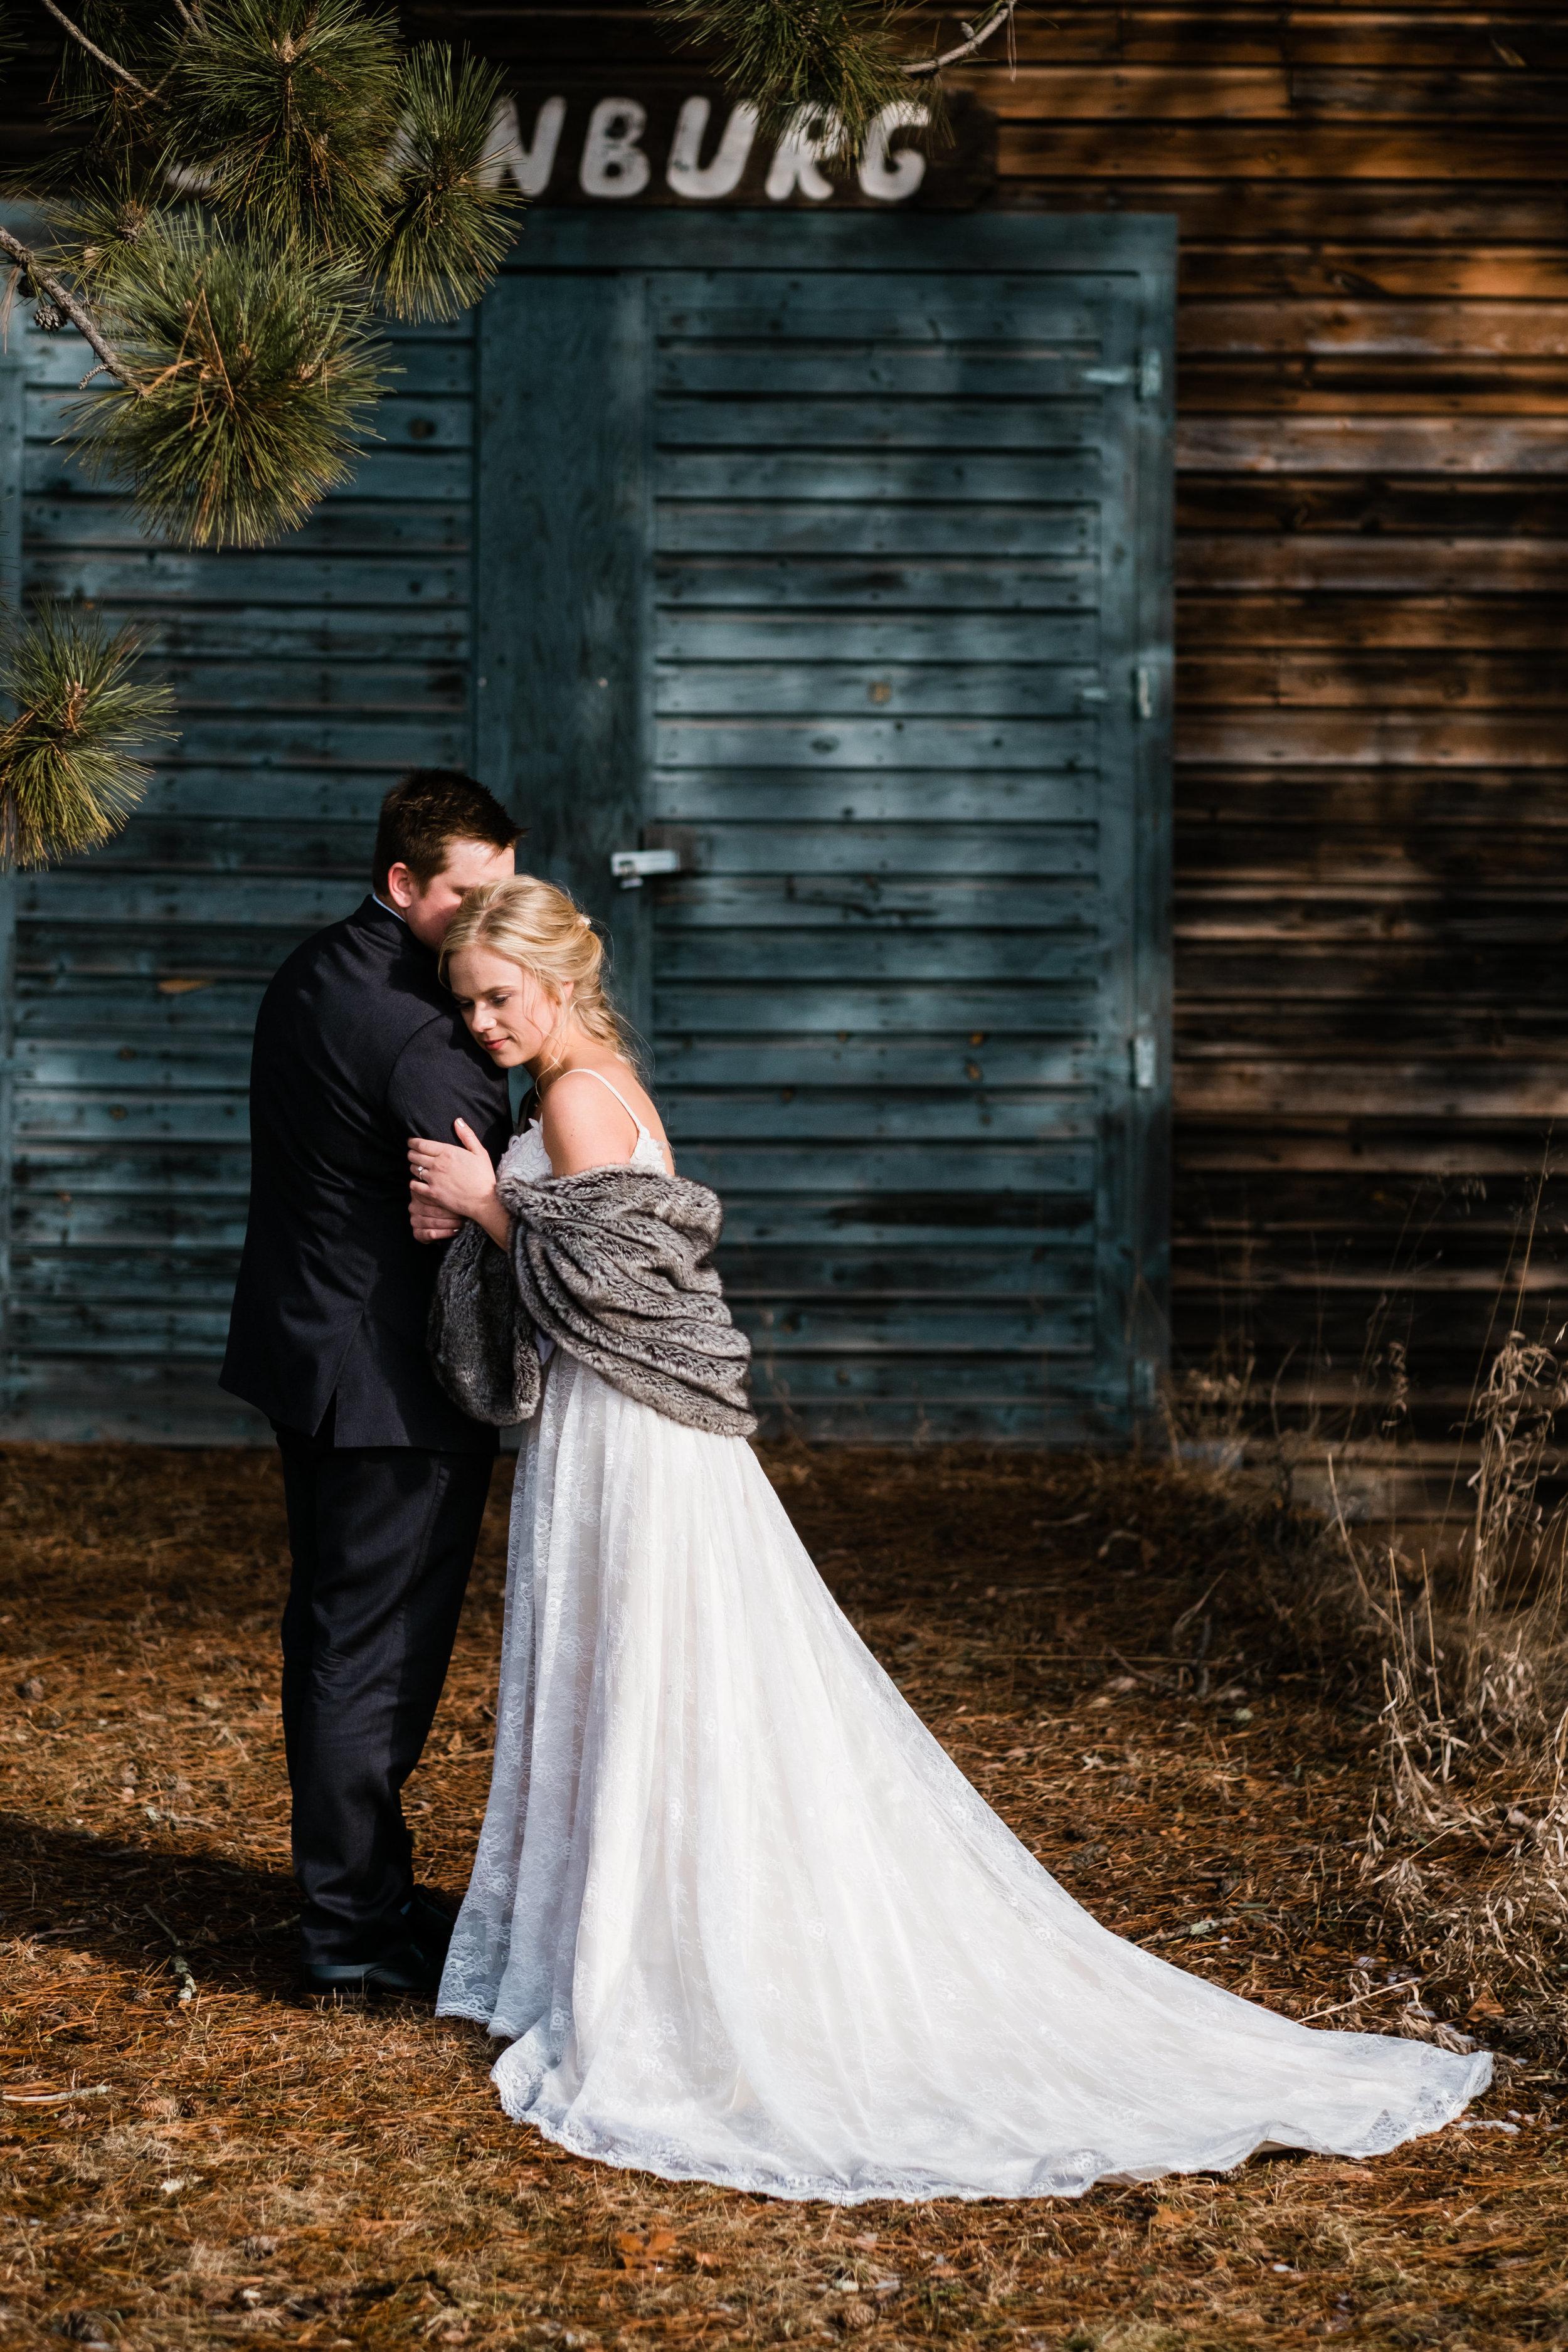 brainerd wedding photographer at a winter barn